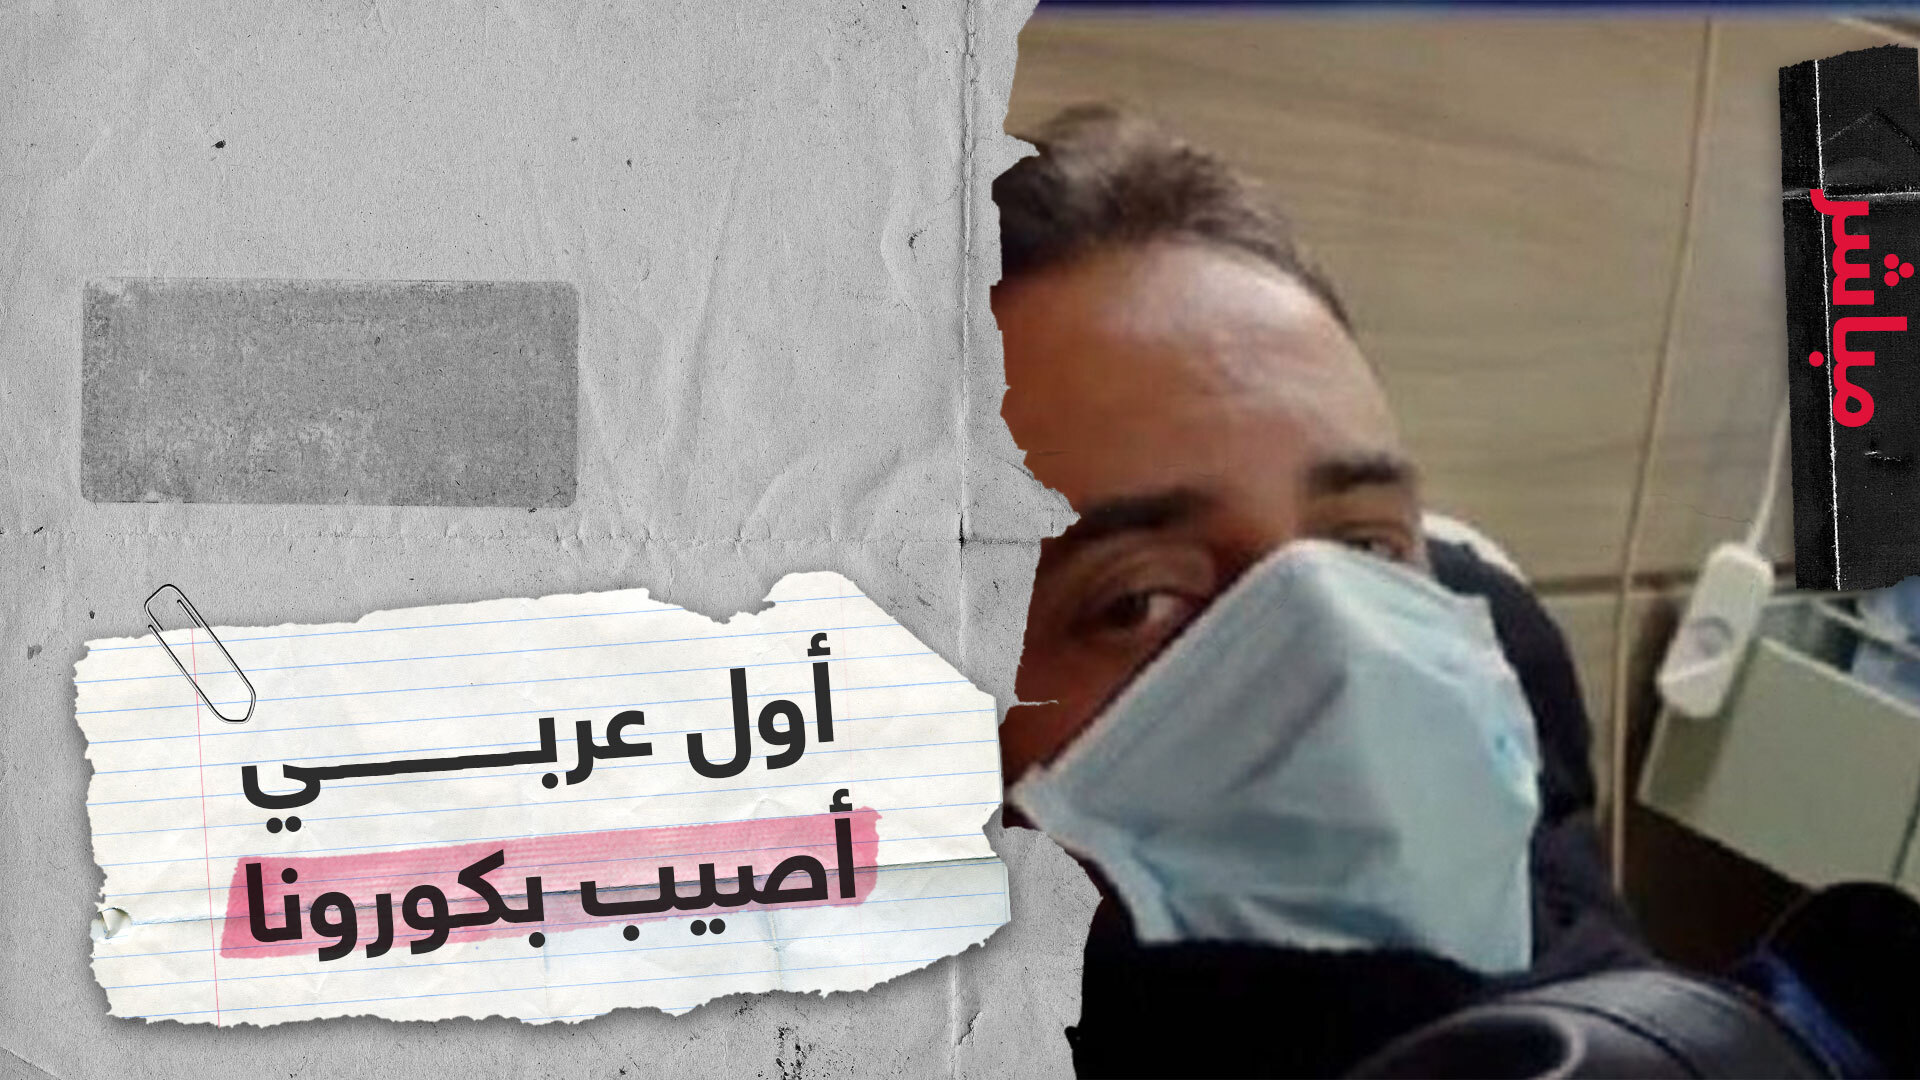 أول عربي مصاب بكورونا يتعافى في ووهان الصينية